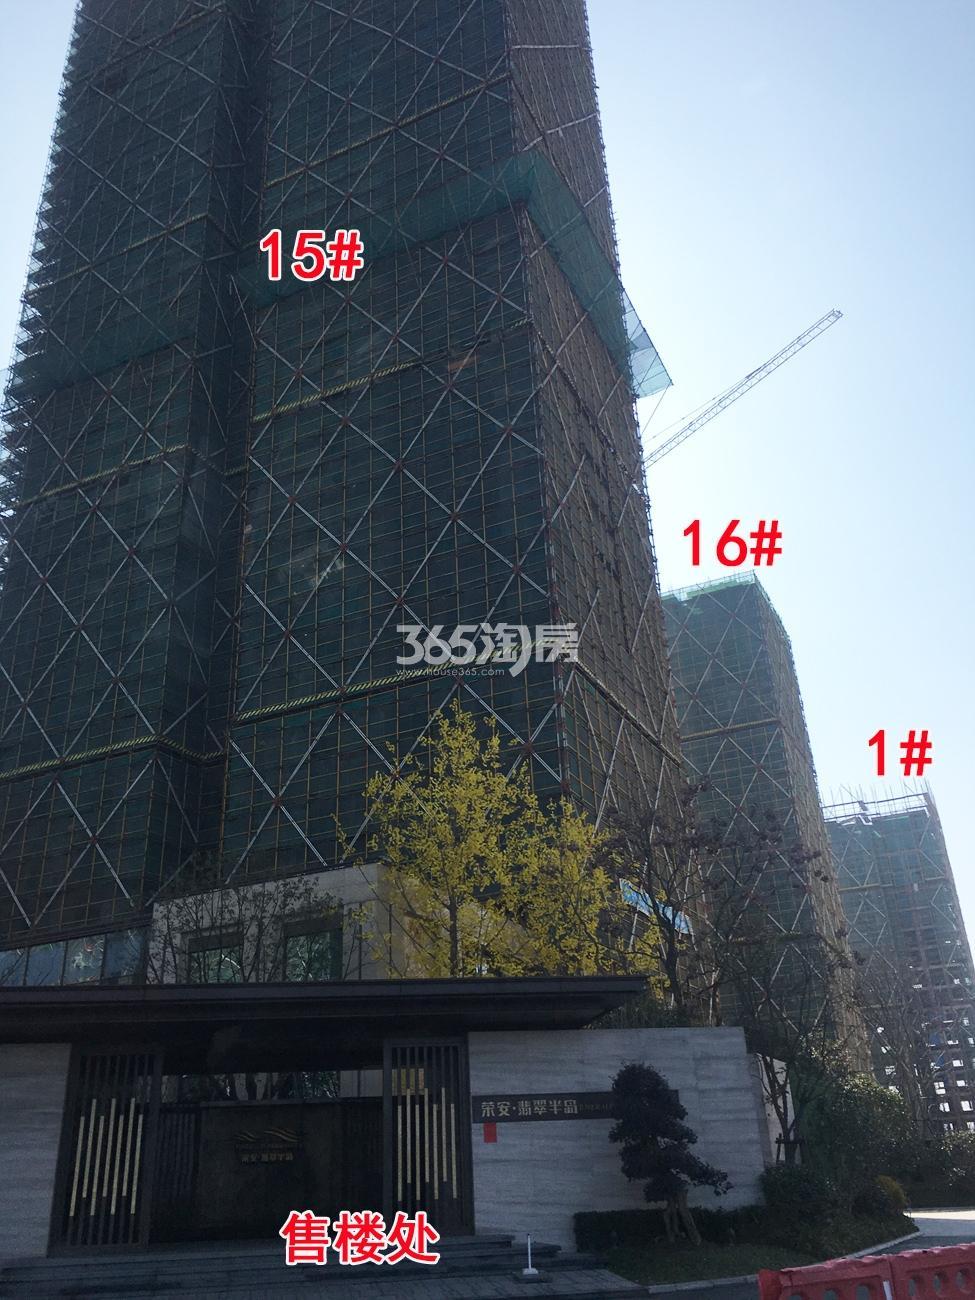 2018年2月底荣安翡翠半岛高层1、15、16号楼实景